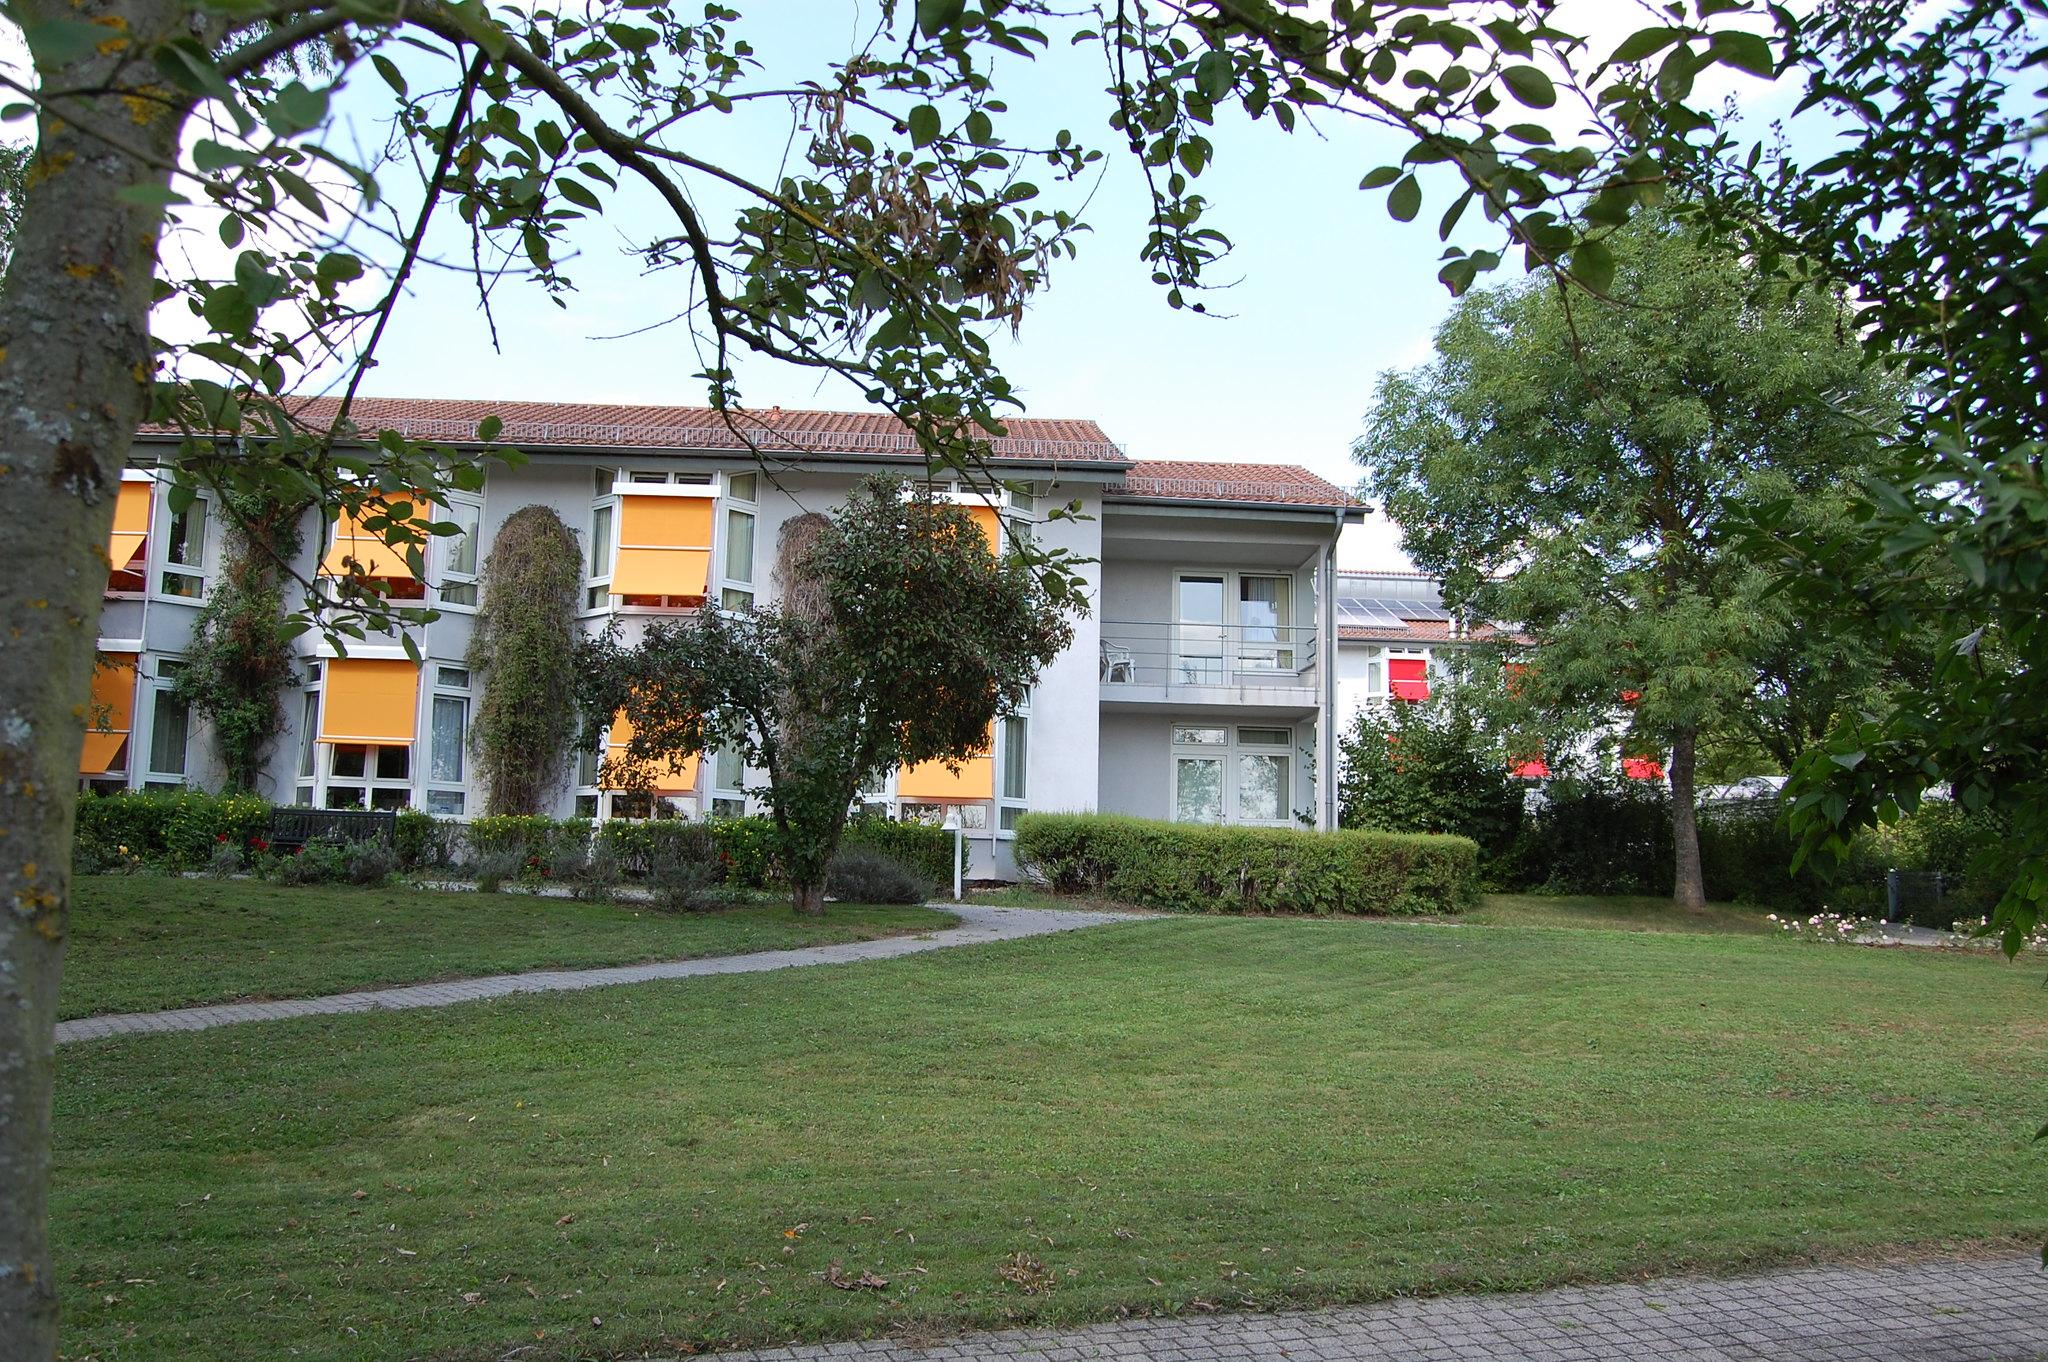 Remchingen Altenpflegeheim Diakonische Altenhilfe E V